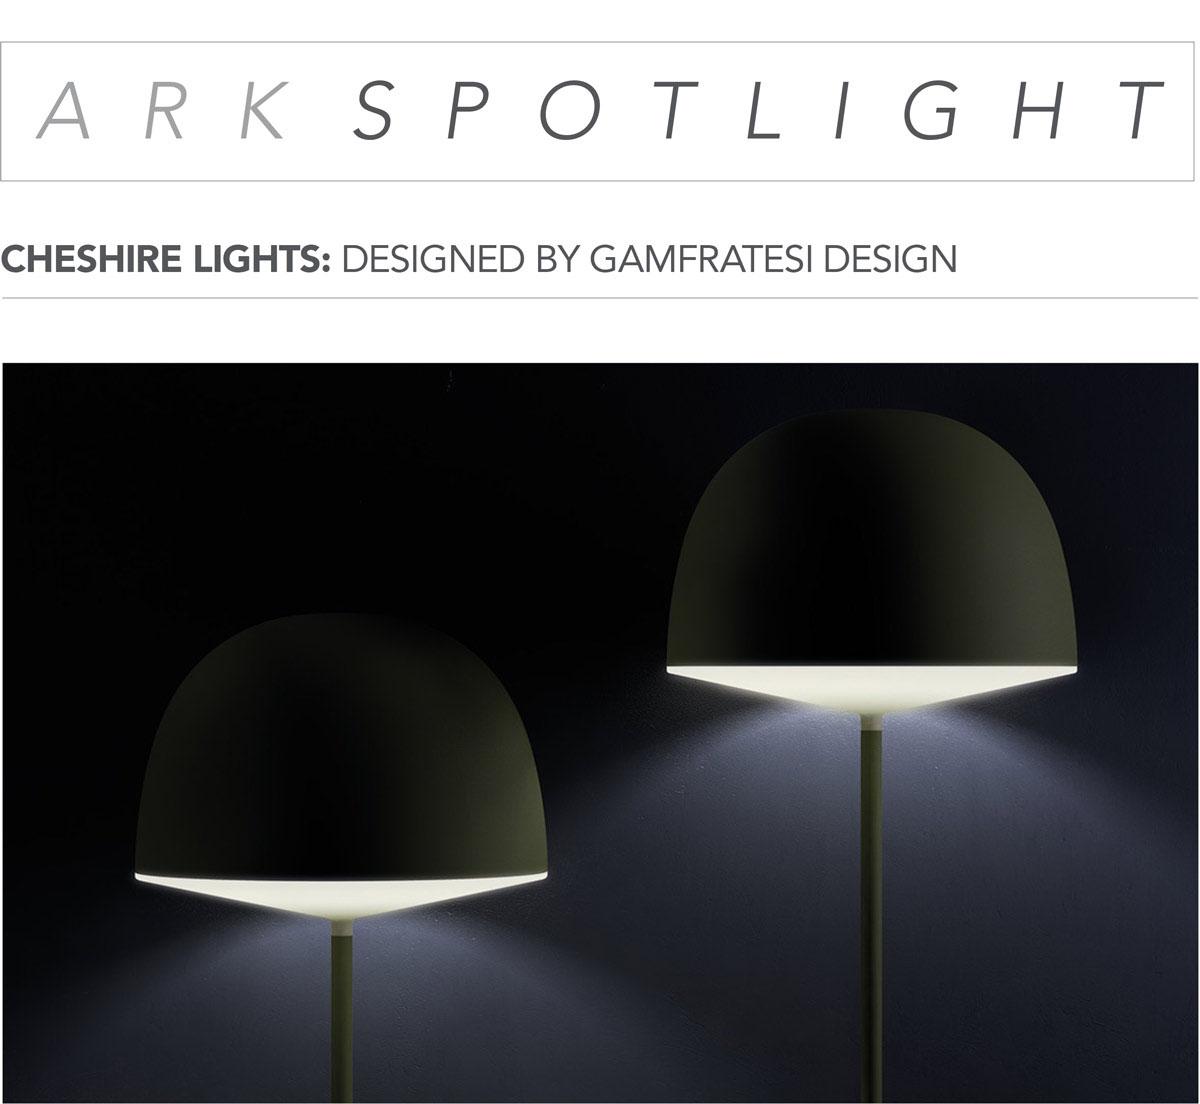 Cheshire Lights